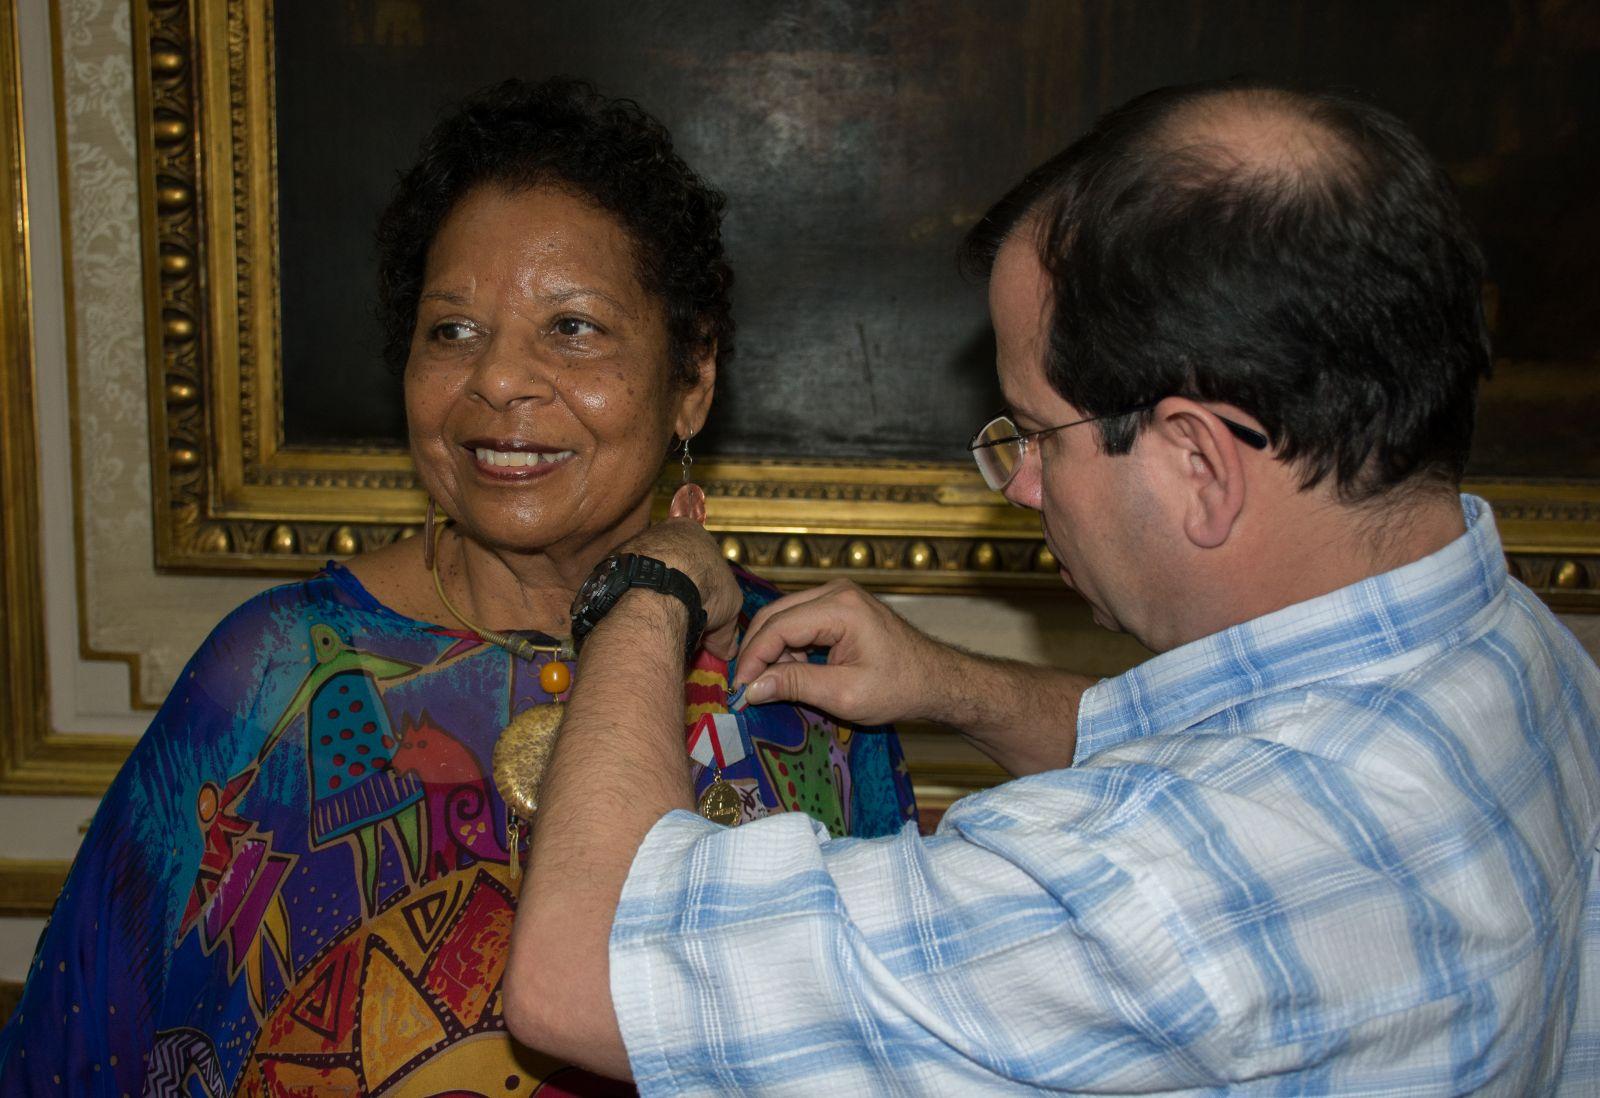 El Héroe cubano Fernando González (D) conddecora a la periodista estadounidense Rosemary Mealy con la Medalla de la Amistad. Foto: Mariela Smith